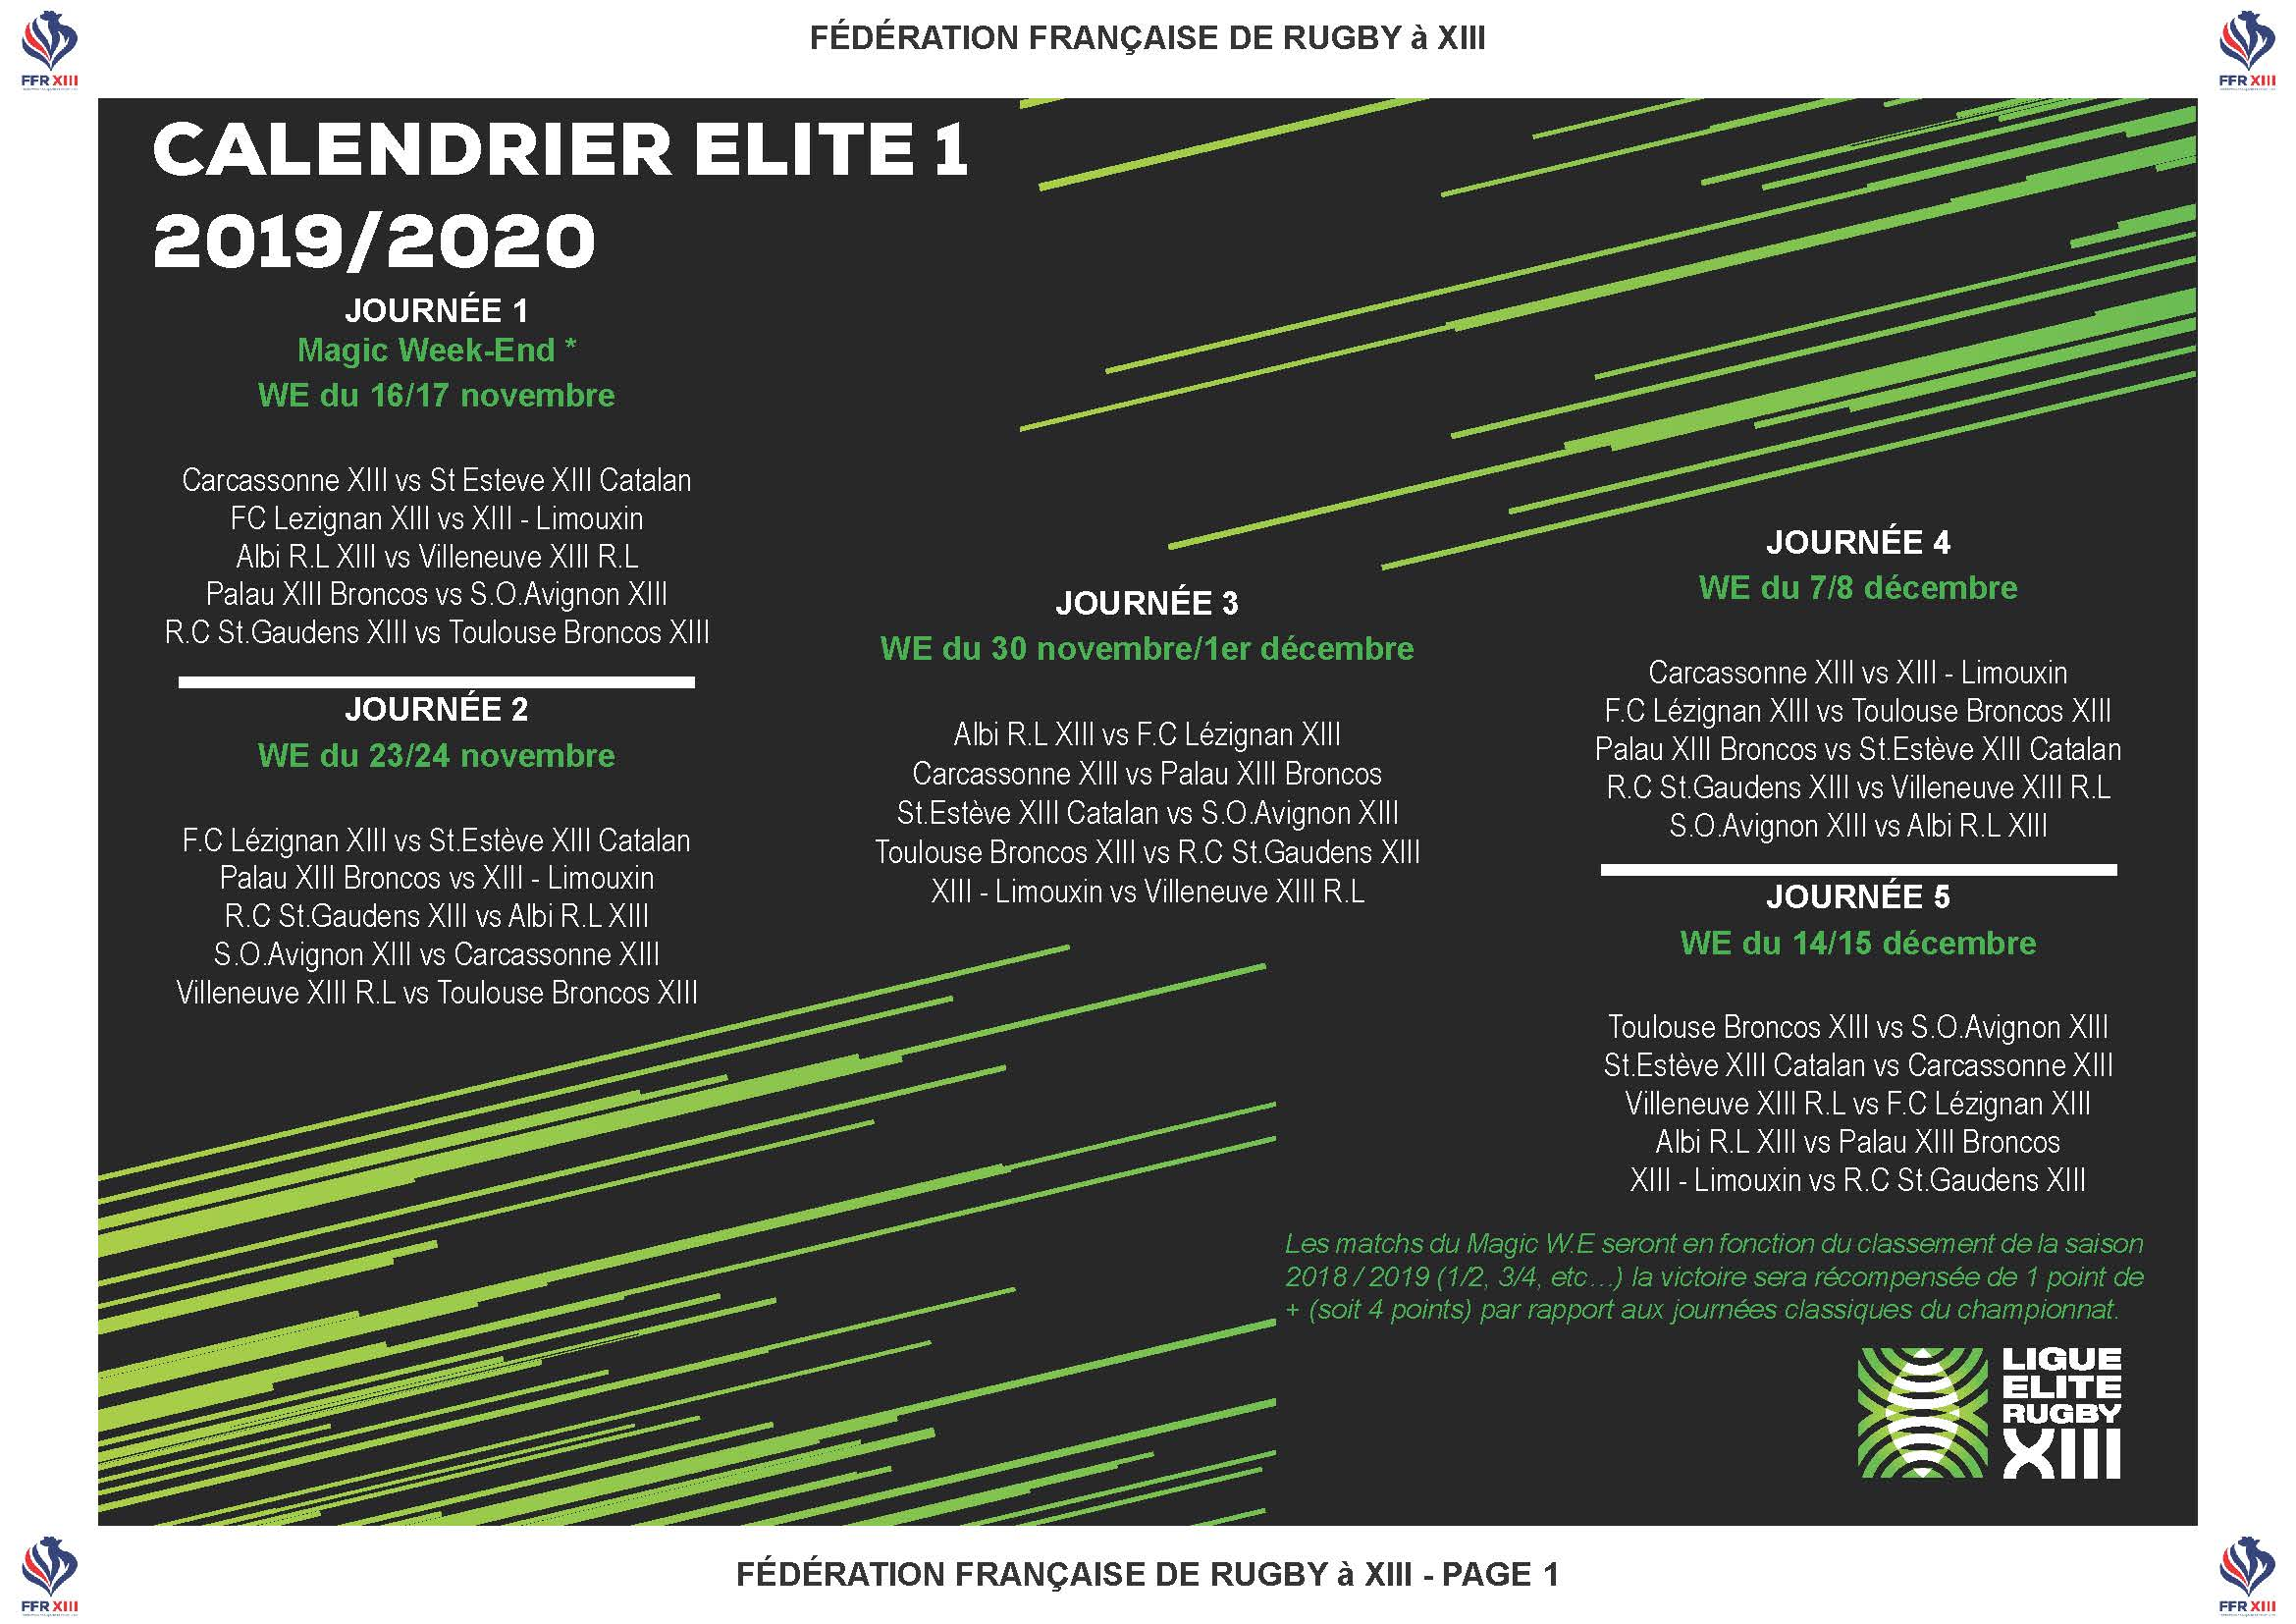 Calendrier Et Resultat Coupe Du Monde 2020.Calendrier 2019 2020 Pour L Elite 1 La Revanche Pour